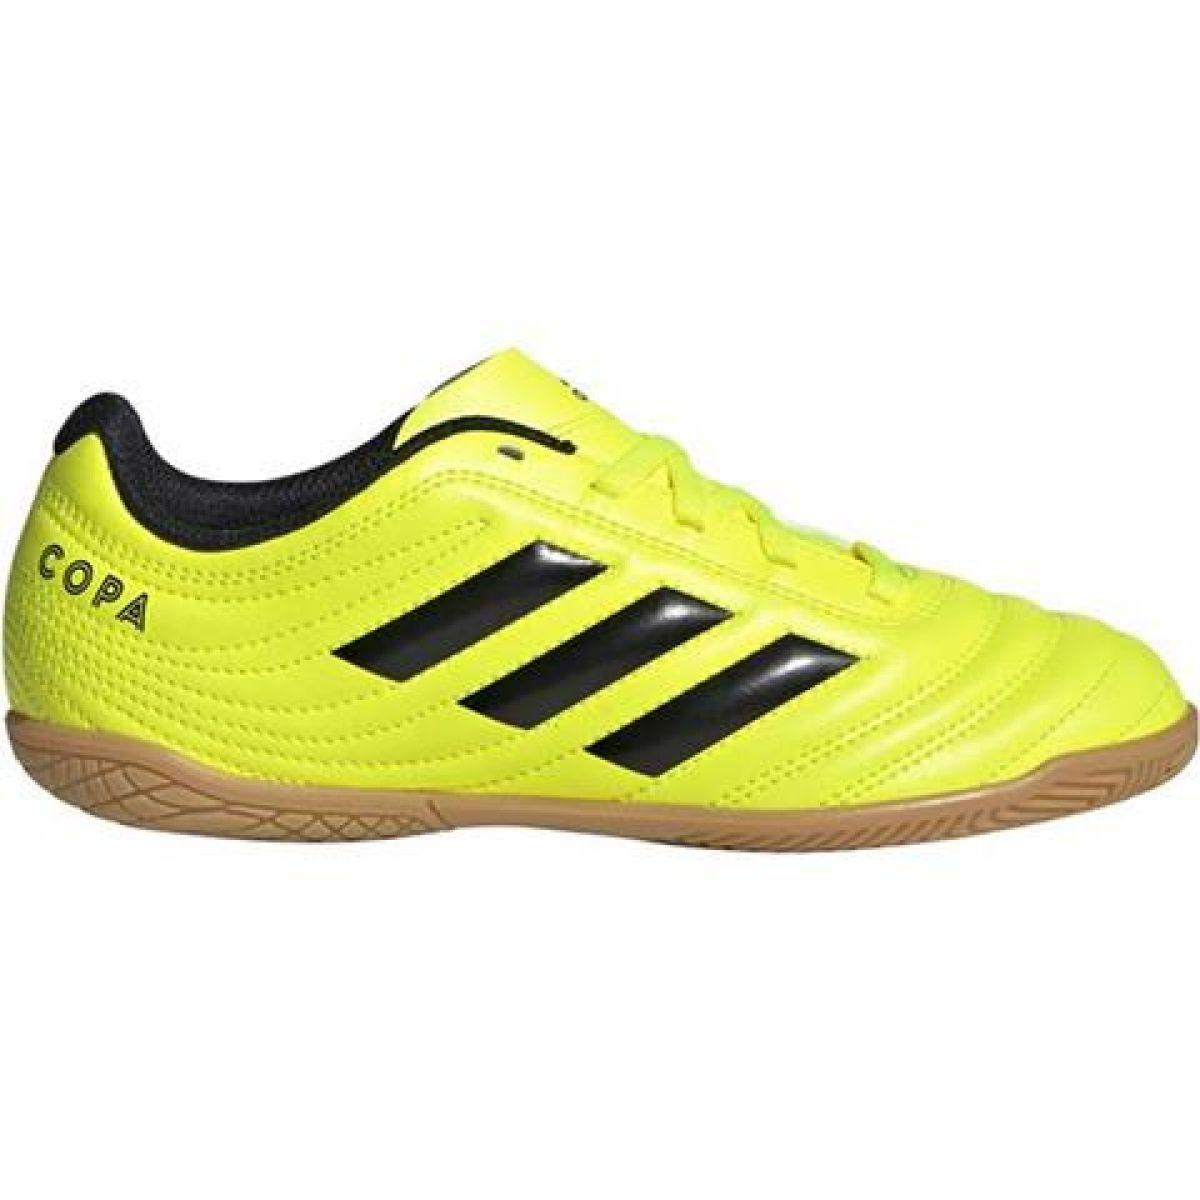 Lo dudo delincuencia Levántate  Adidas Copa 19.4 In Jr F35451 indoor shoes yellow yellow - ButyModne.pl